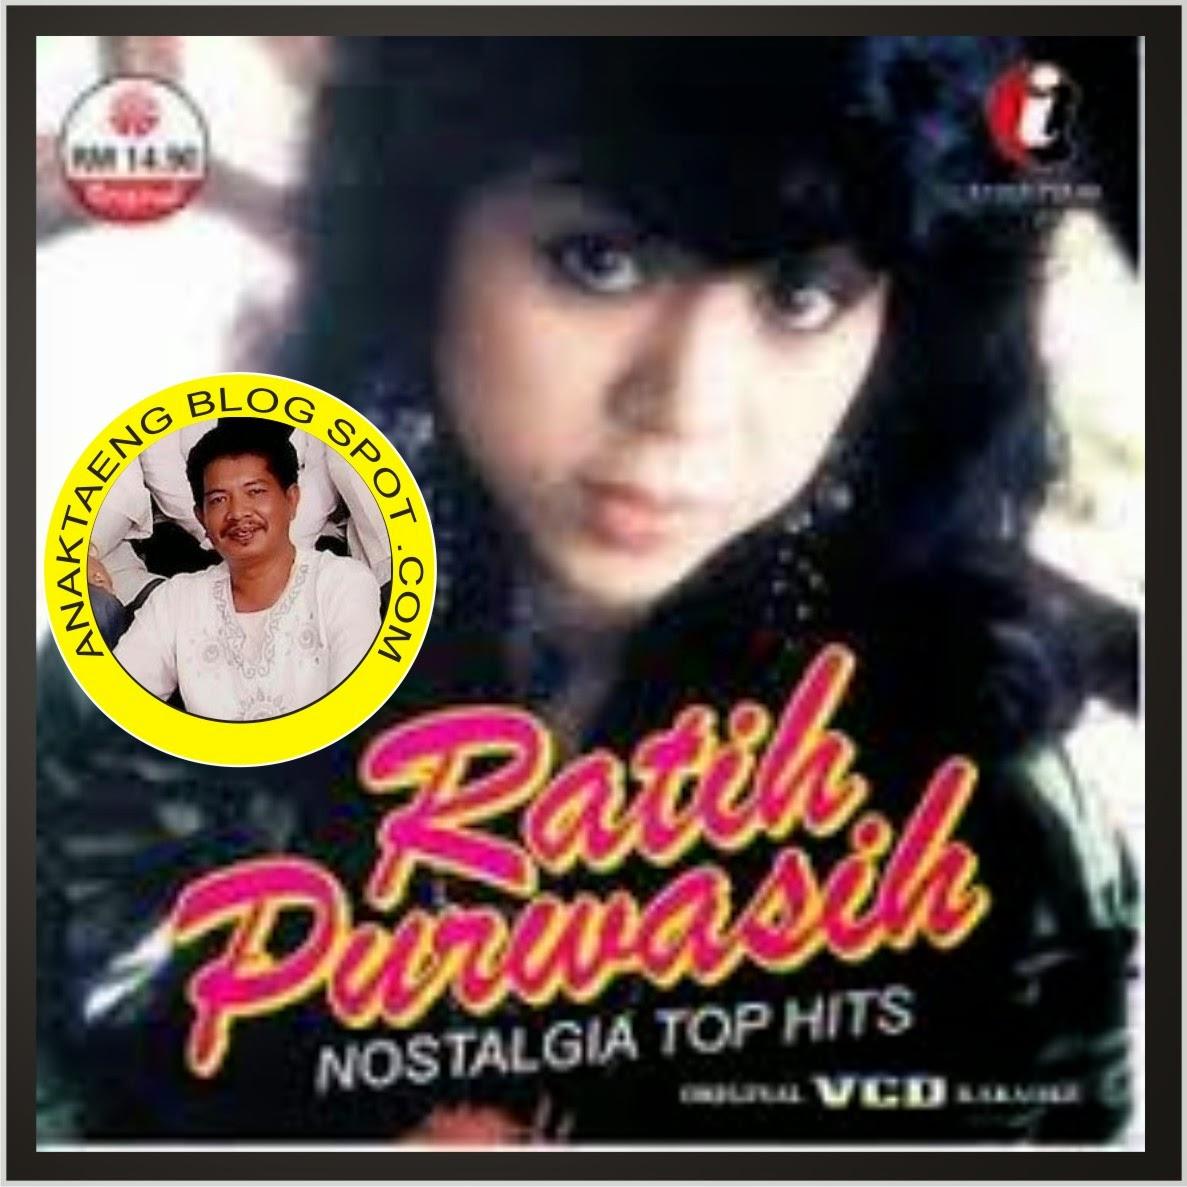 Download Lagu Goyang Nasi Padang 2: Download Lagu Untuk Dikenang (by Anak Taeng): Ratih Purwasih